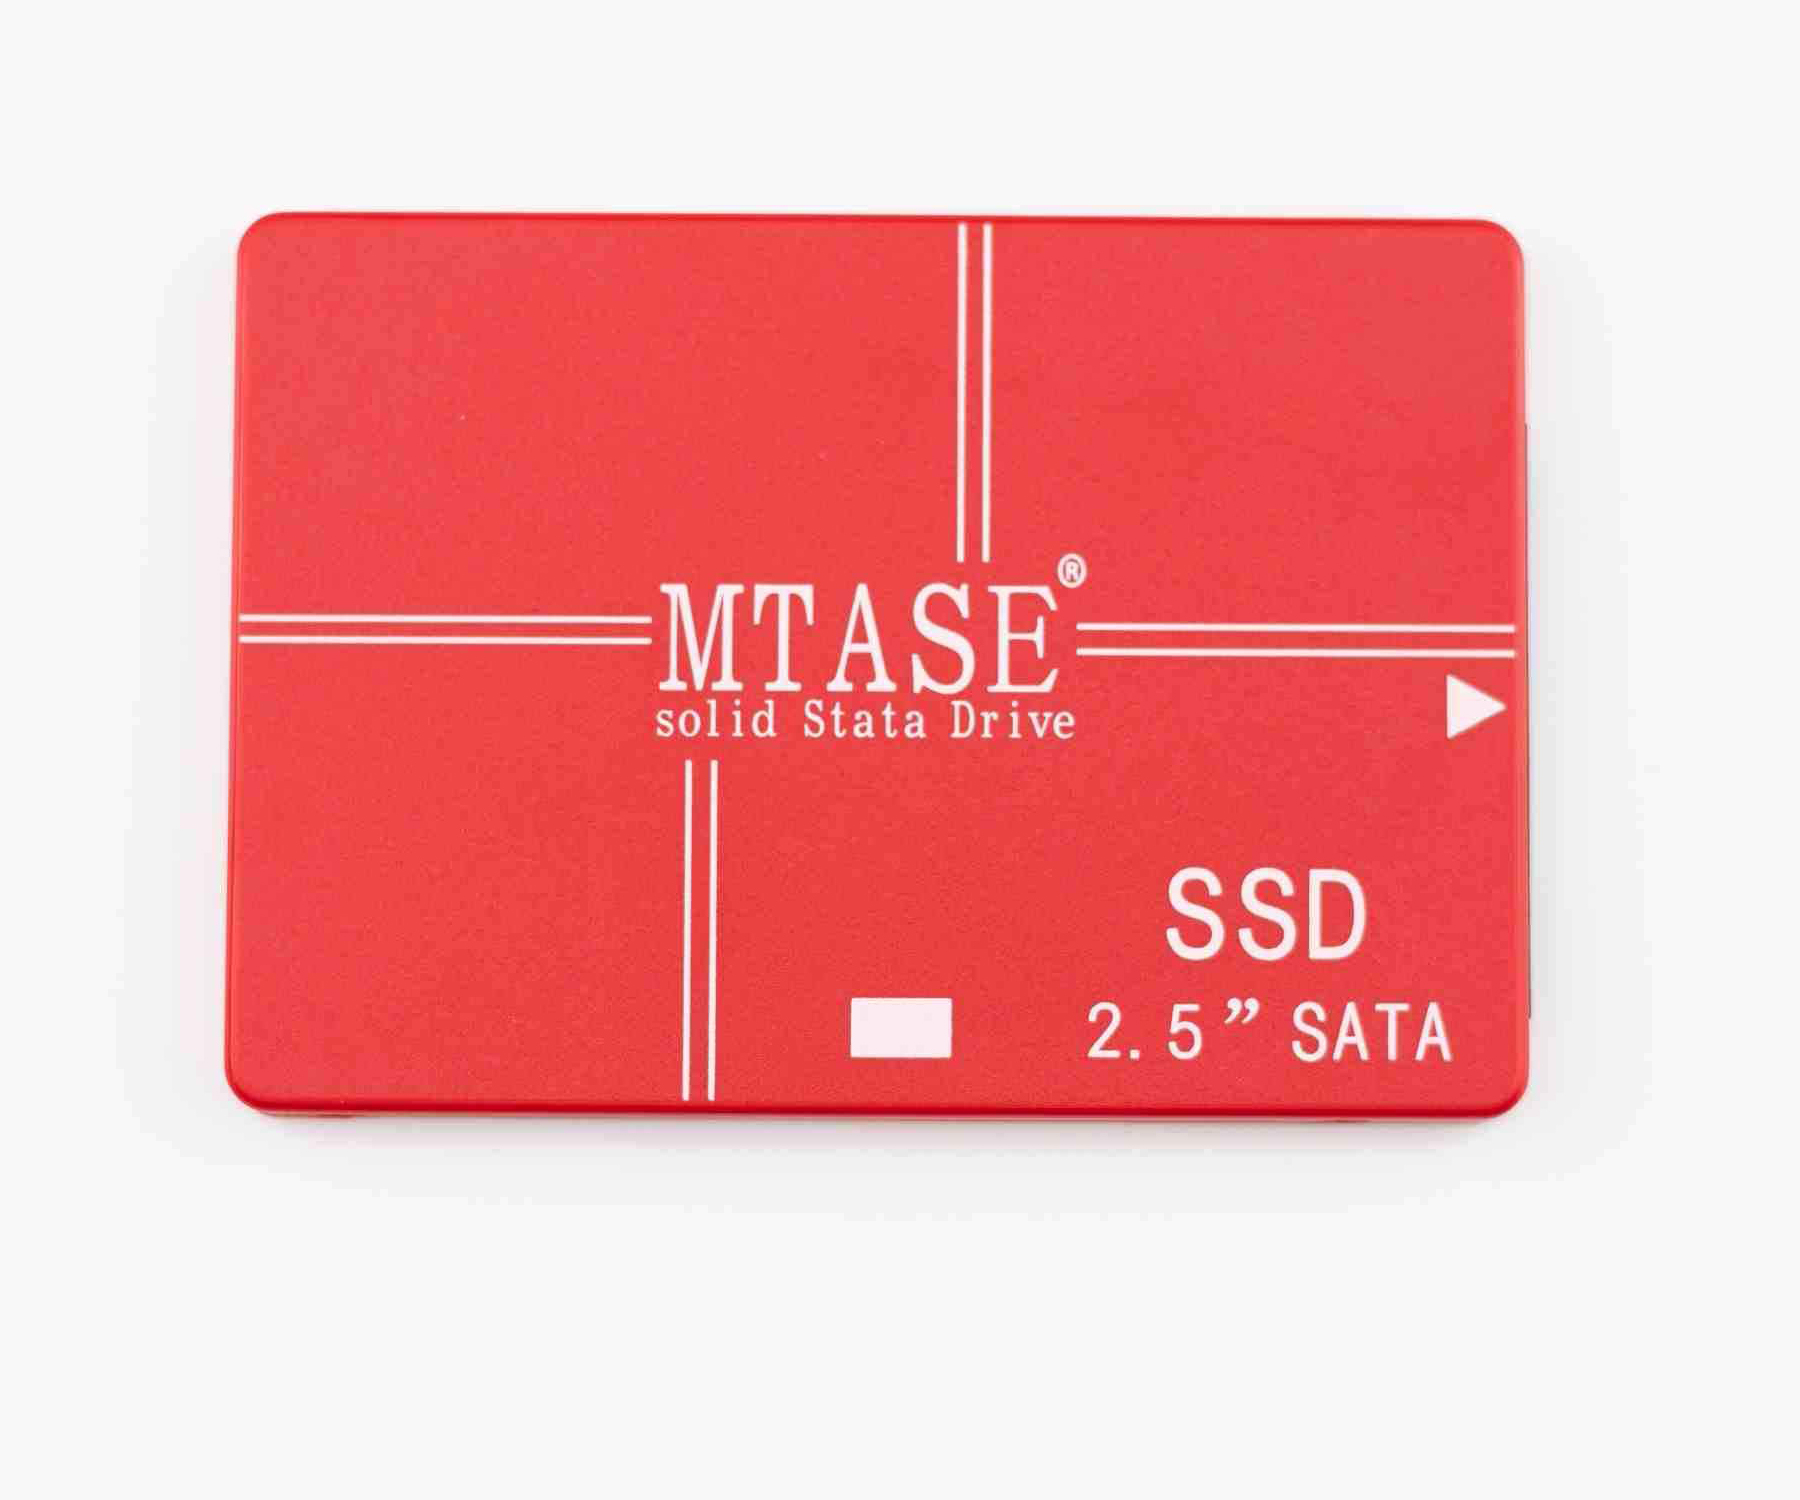 魅光黑战 SSD固态硬盘240G